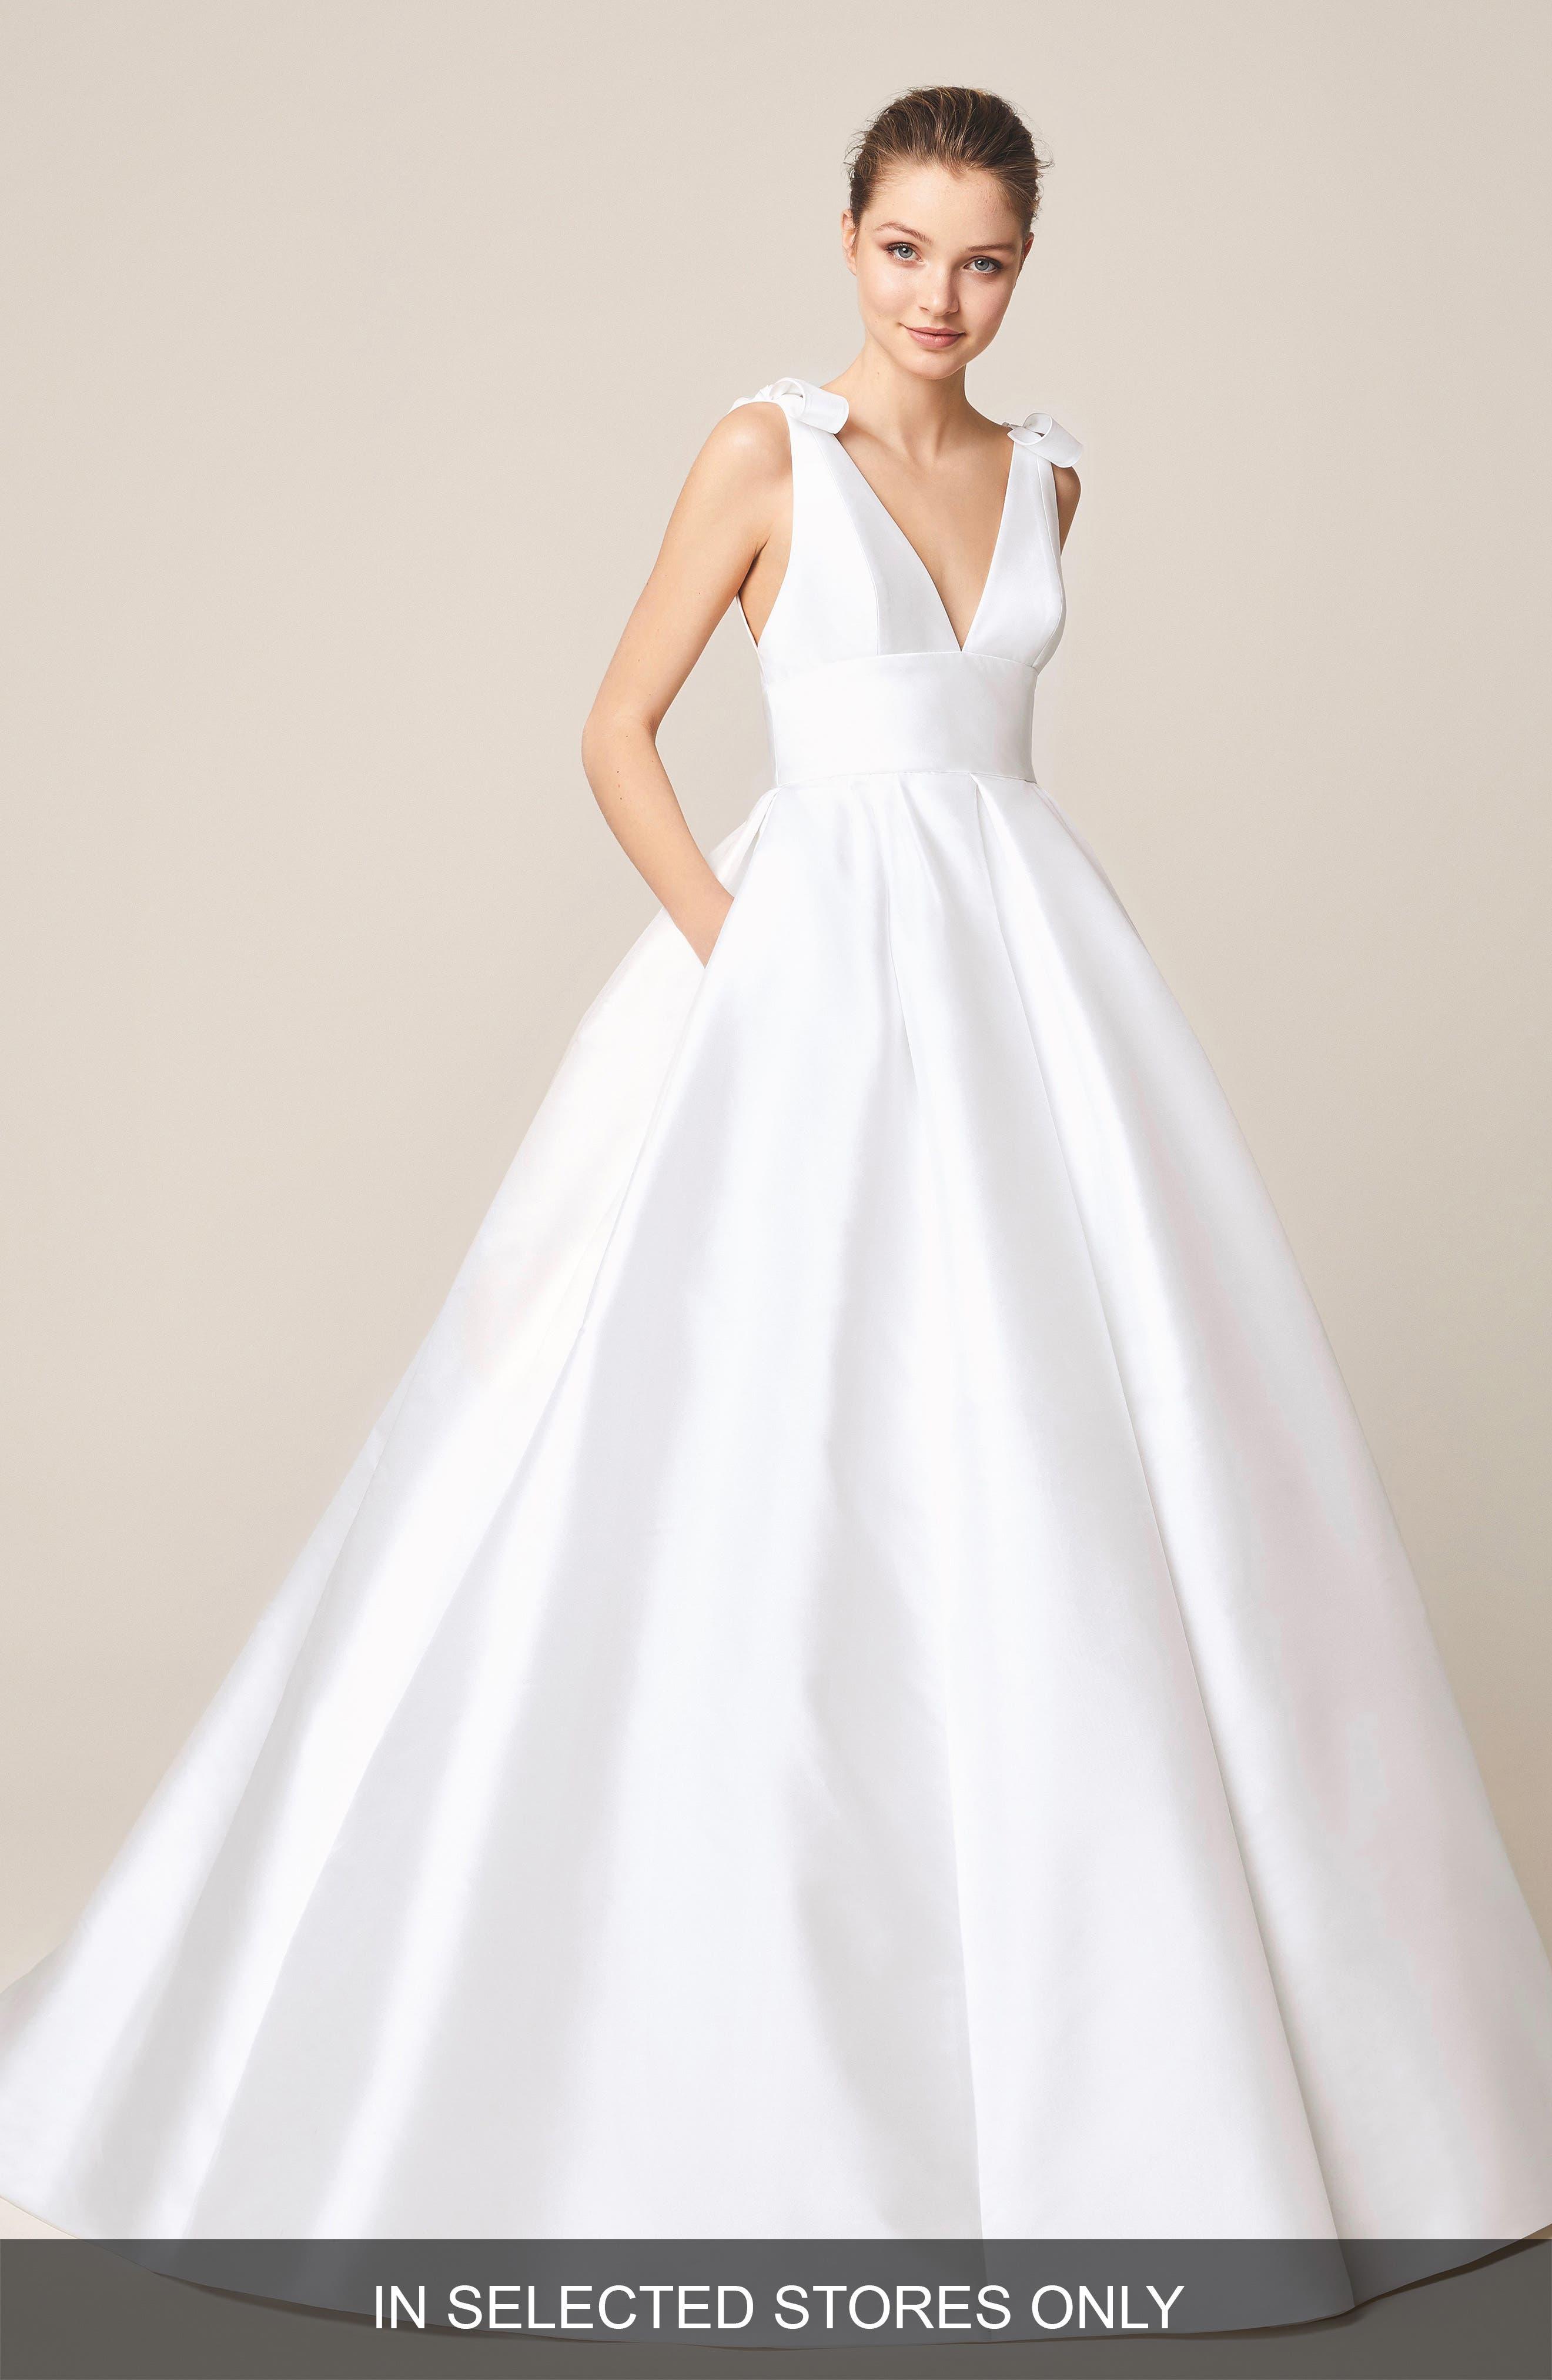 Jesus Peiro Satin V-Neck Bow Detail Wedding Dress, Size IN STORE ONLY - White